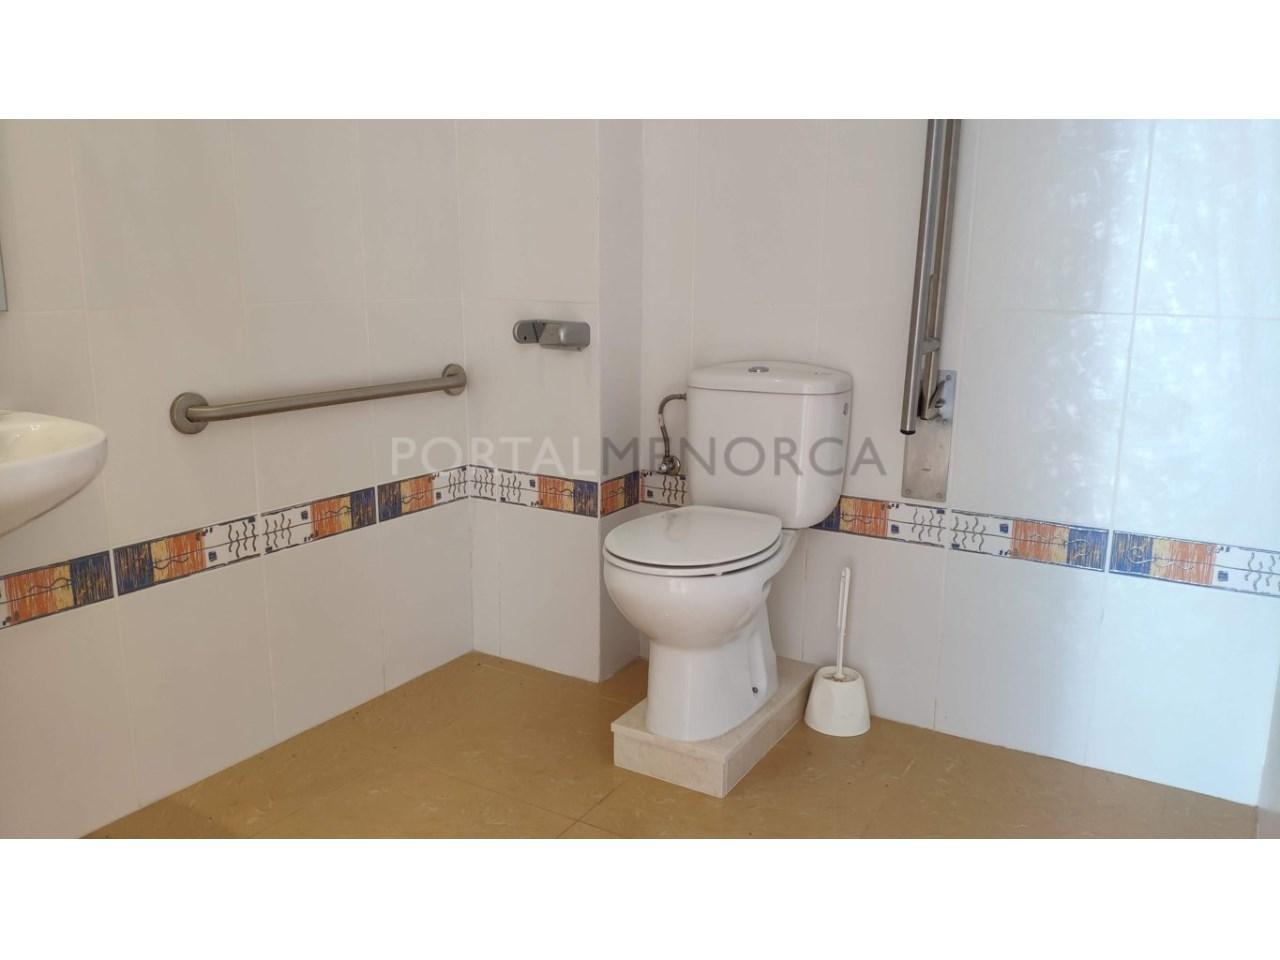 Local for sale in Ciutadella Menorca-Bathroom invalid